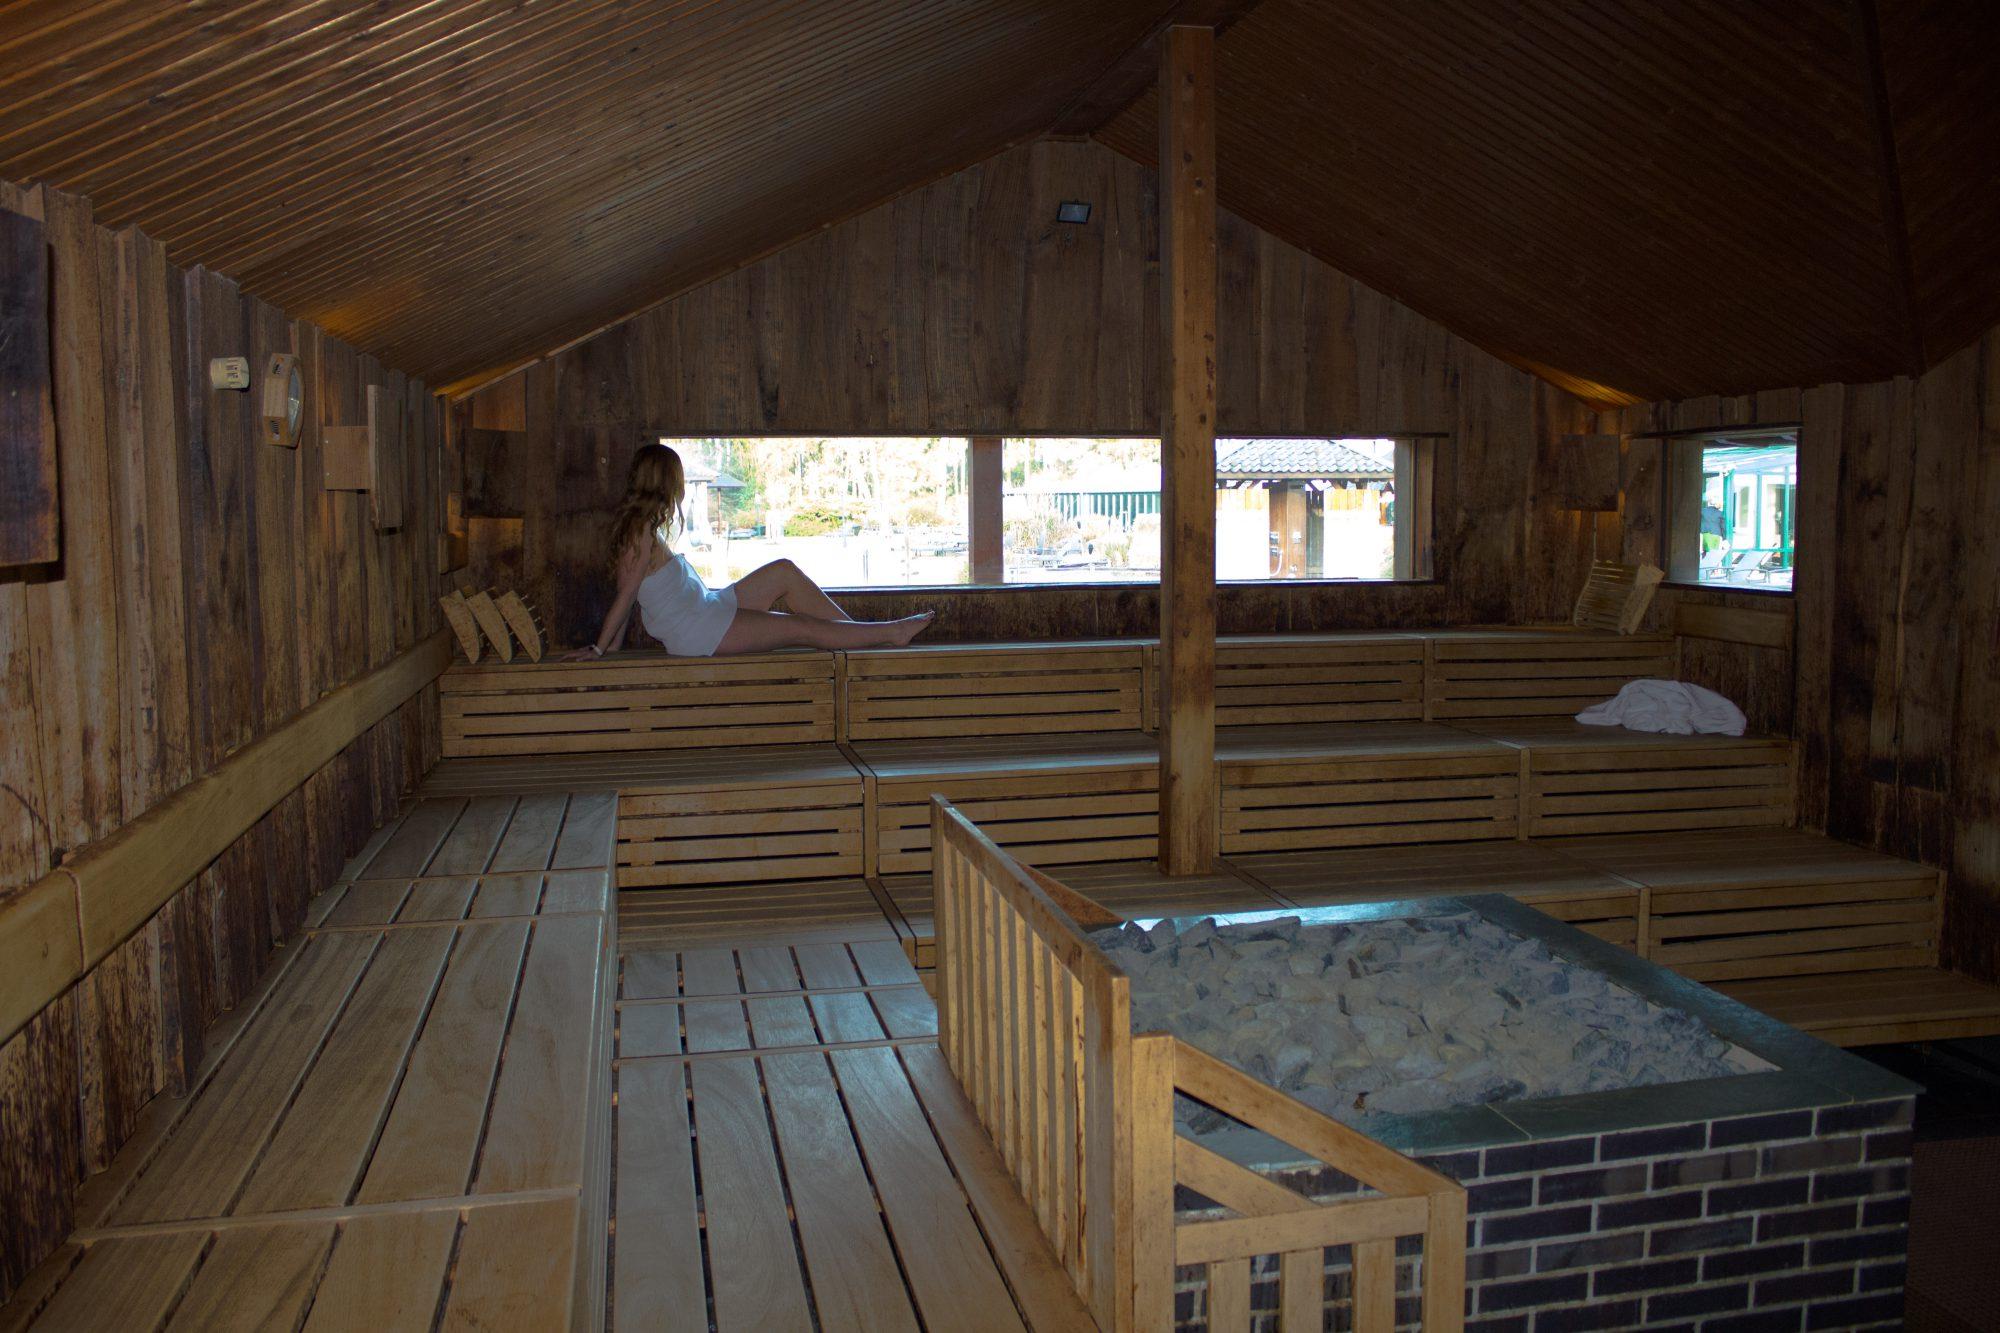 sauna mit blick aufs wasser rebeccas welt. Black Bedroom Furniture Sets. Home Design Ideas